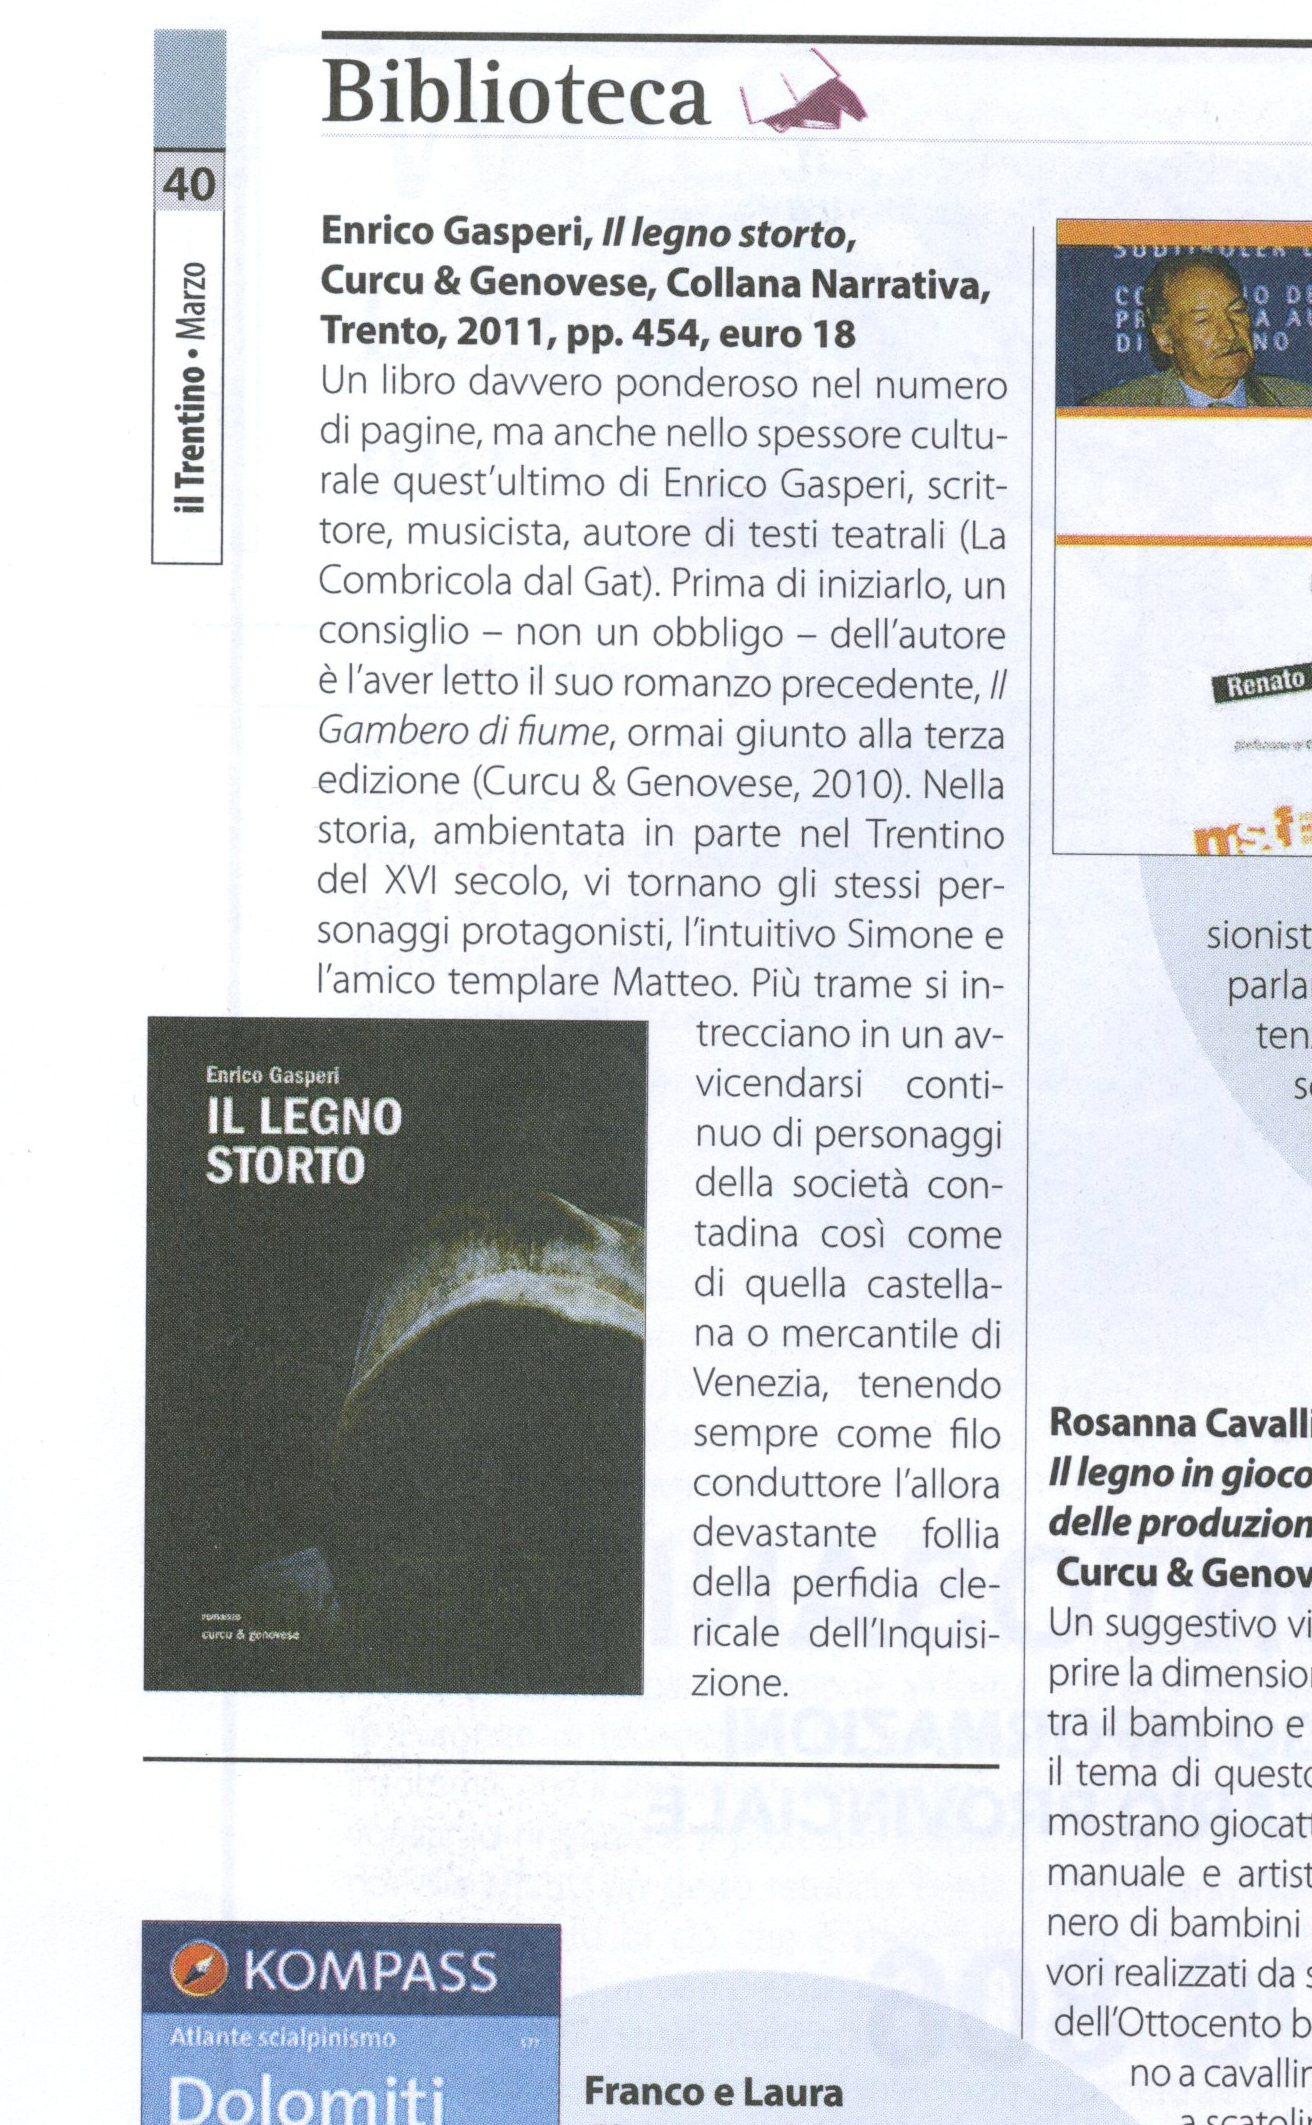 Enrico Gasperi_ Copia di il trentino - mensile- 2012 marzo